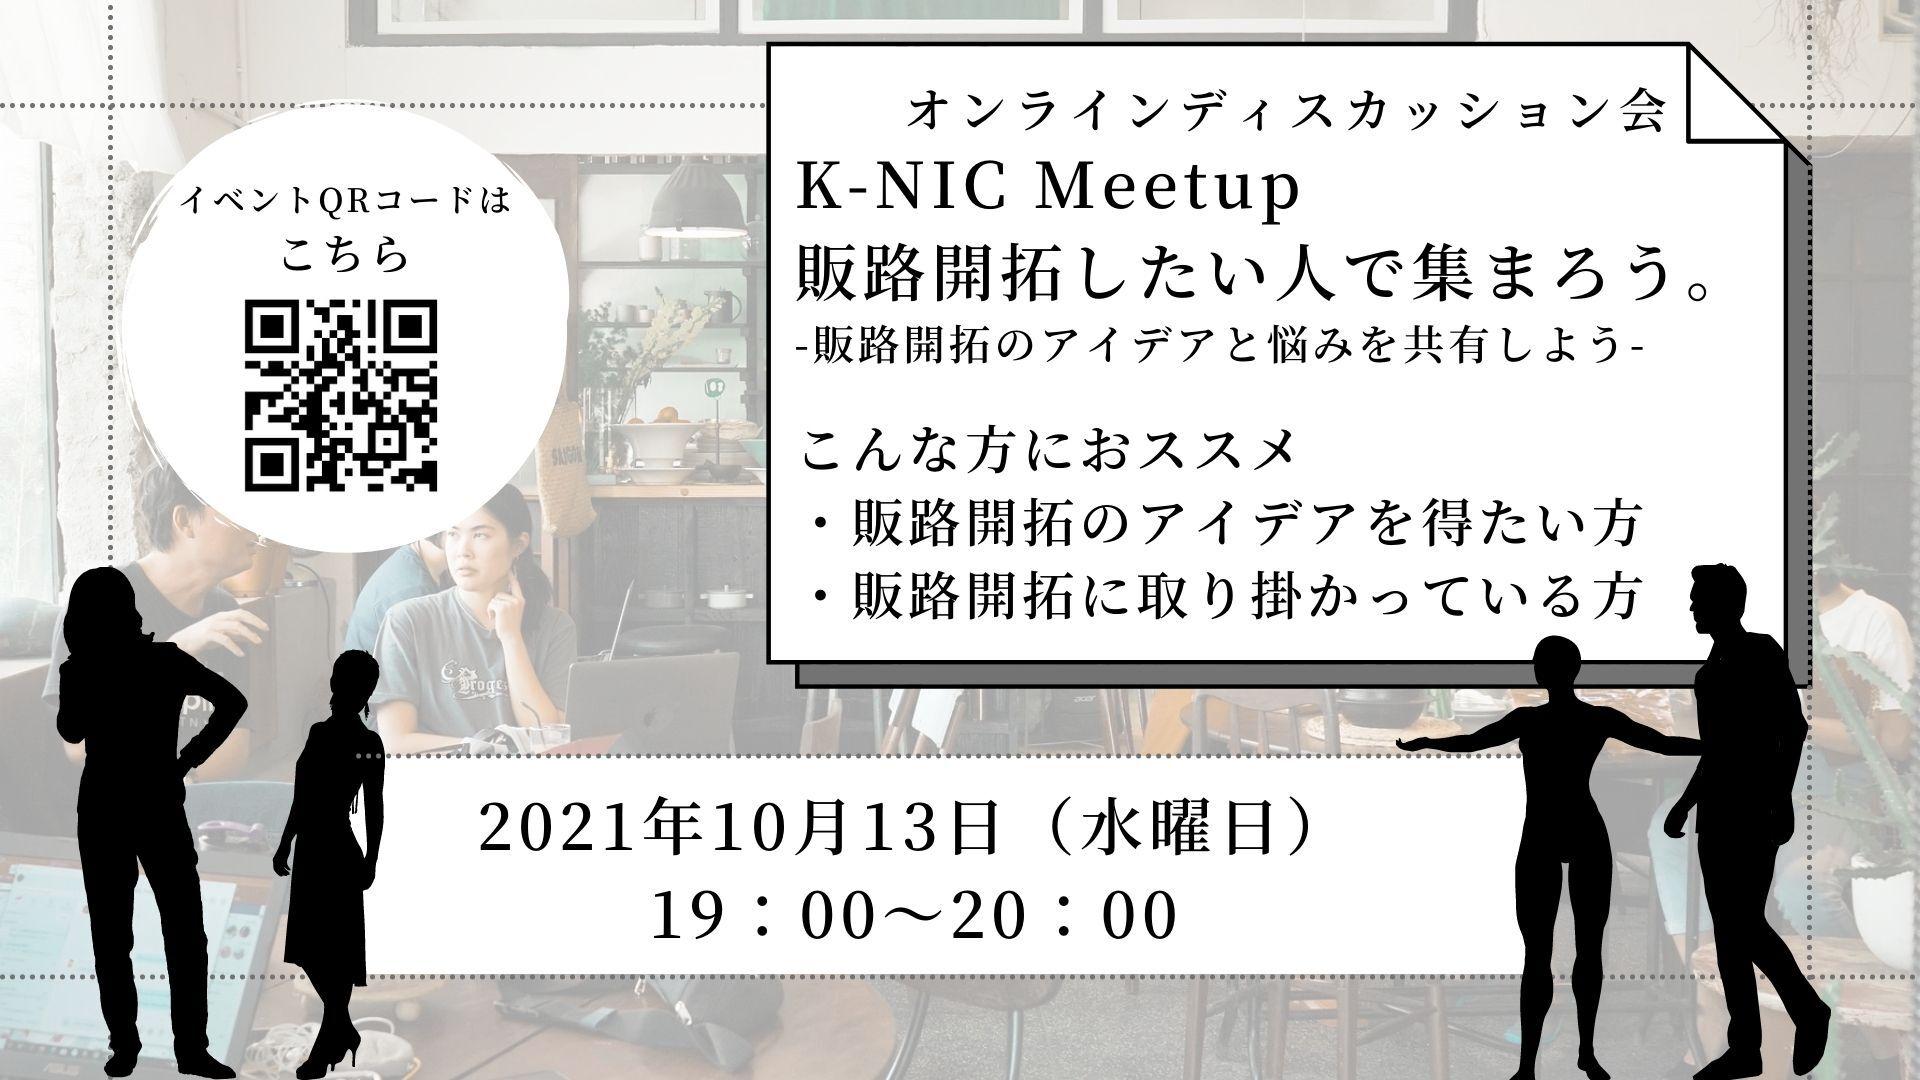 【10/13開催】K-NIC Meetup 販路開拓したい人で集まろう